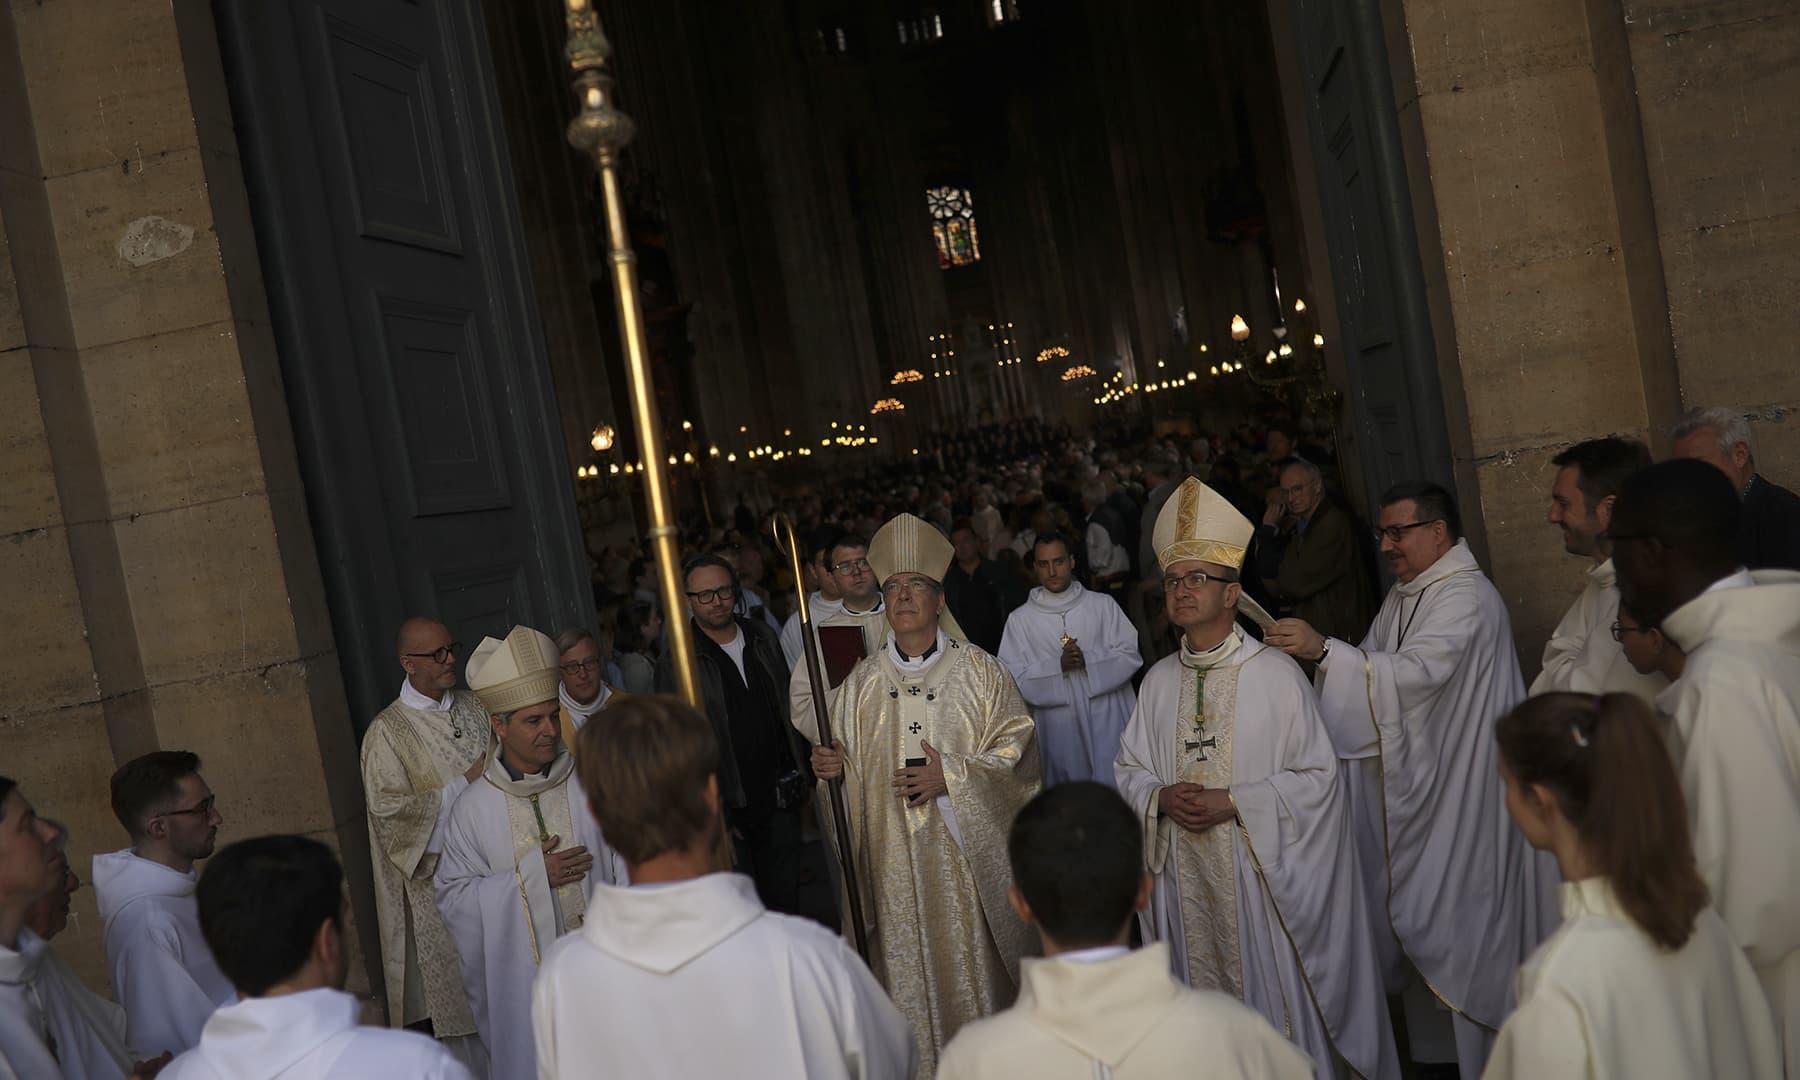 Paris Archbishop Michel Aupetit, center, leads a Sunday's Mass at the grandiose Saint-Eustache church in Paris. — AP